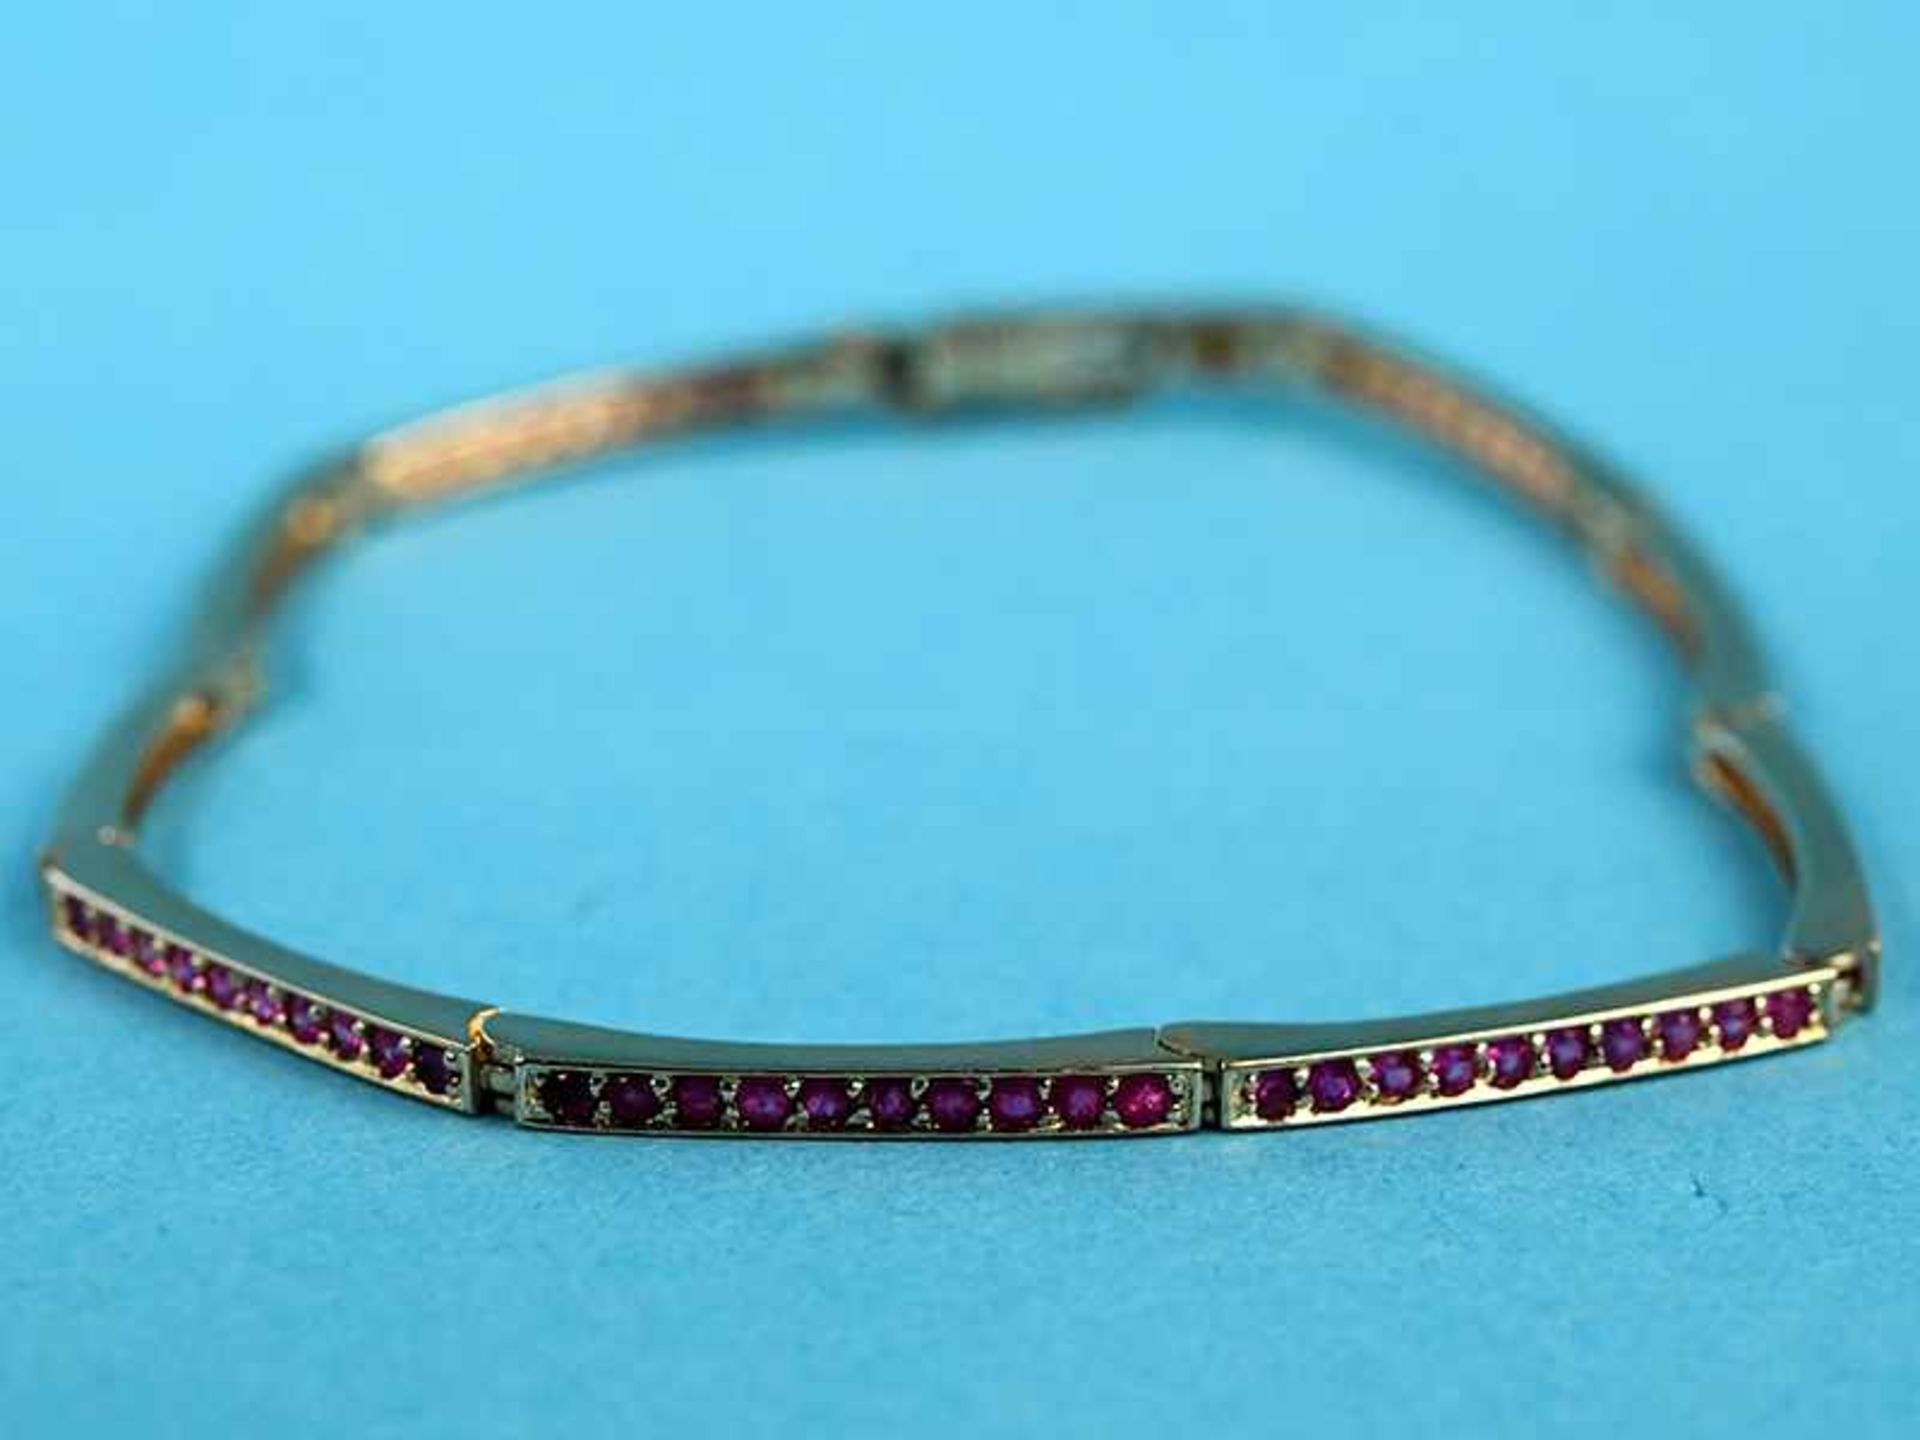 Streifenarmband mit 90 kleinen Rubinen, 21. Jh. 585/- Gelbgold. Gesamtgewicht ca. 9,3 g.